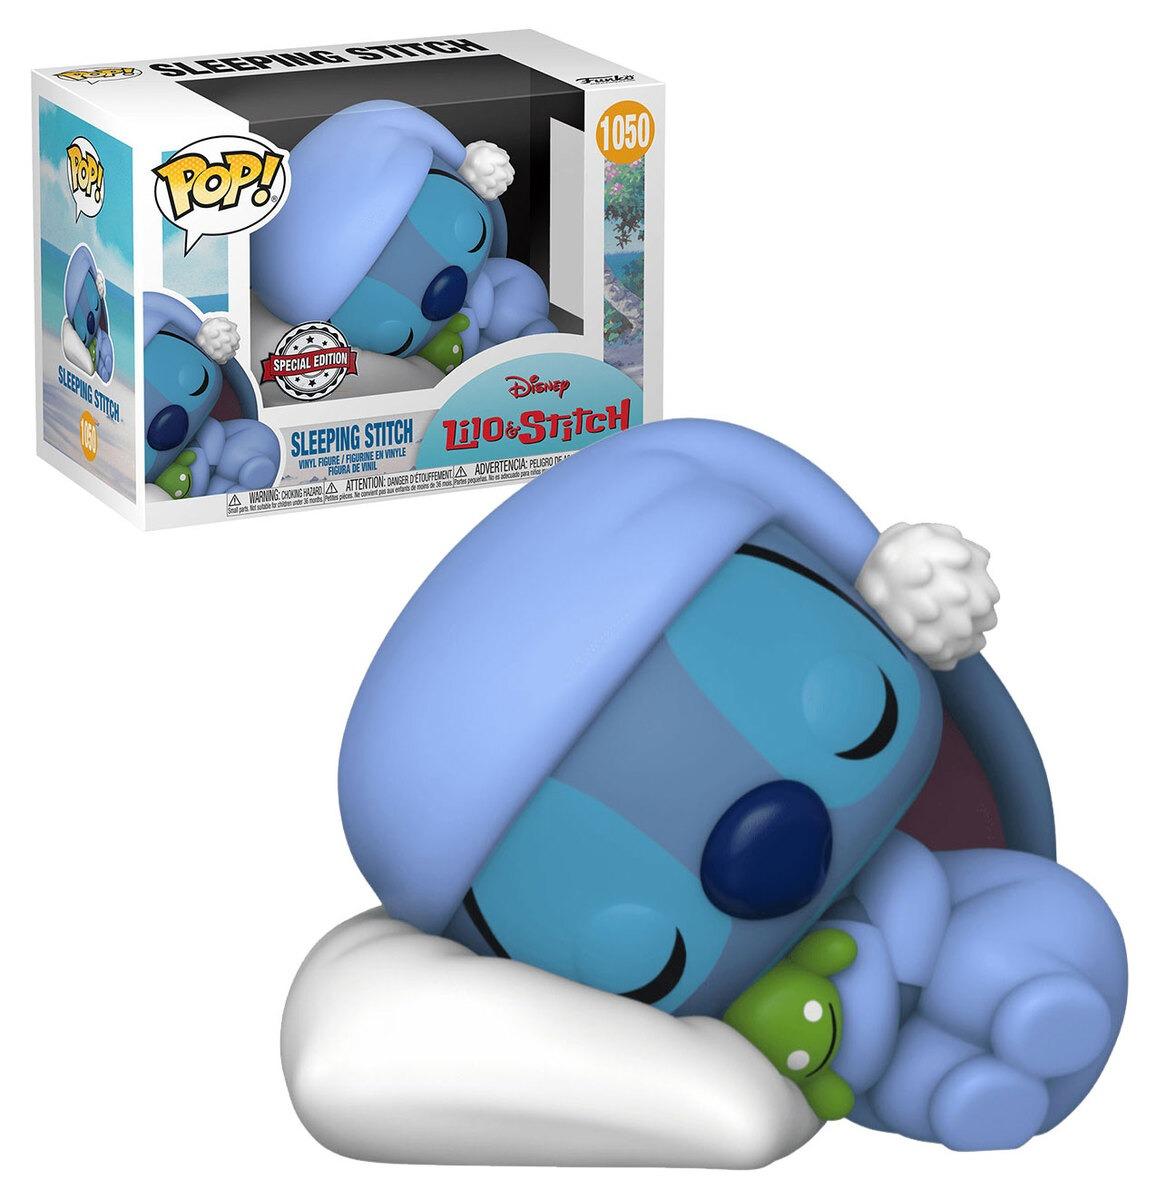 Funko Pop! Stitch Dormindo Sleeping Stitch: Lilo E Stitch #1050 Disney - Funko